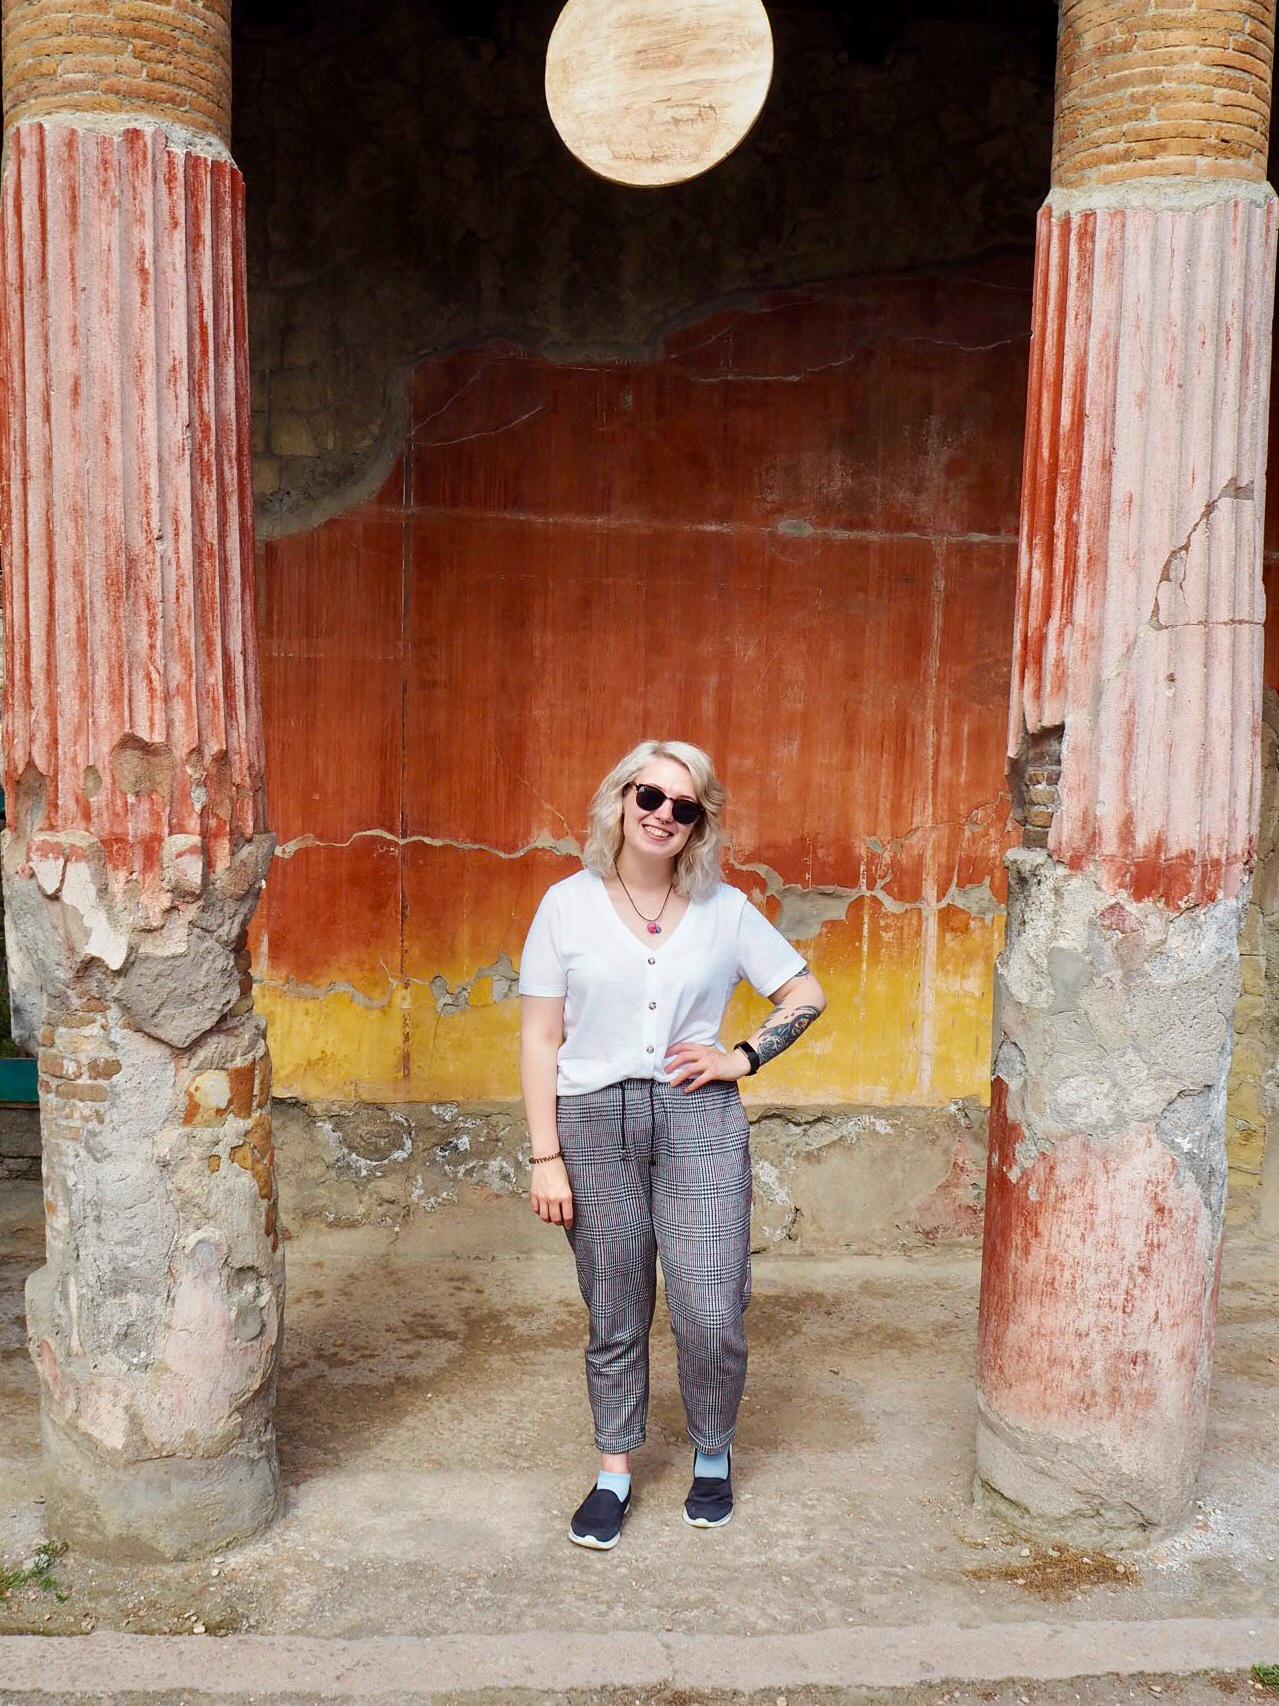 Sorrento travel - Alice in Herculaneum